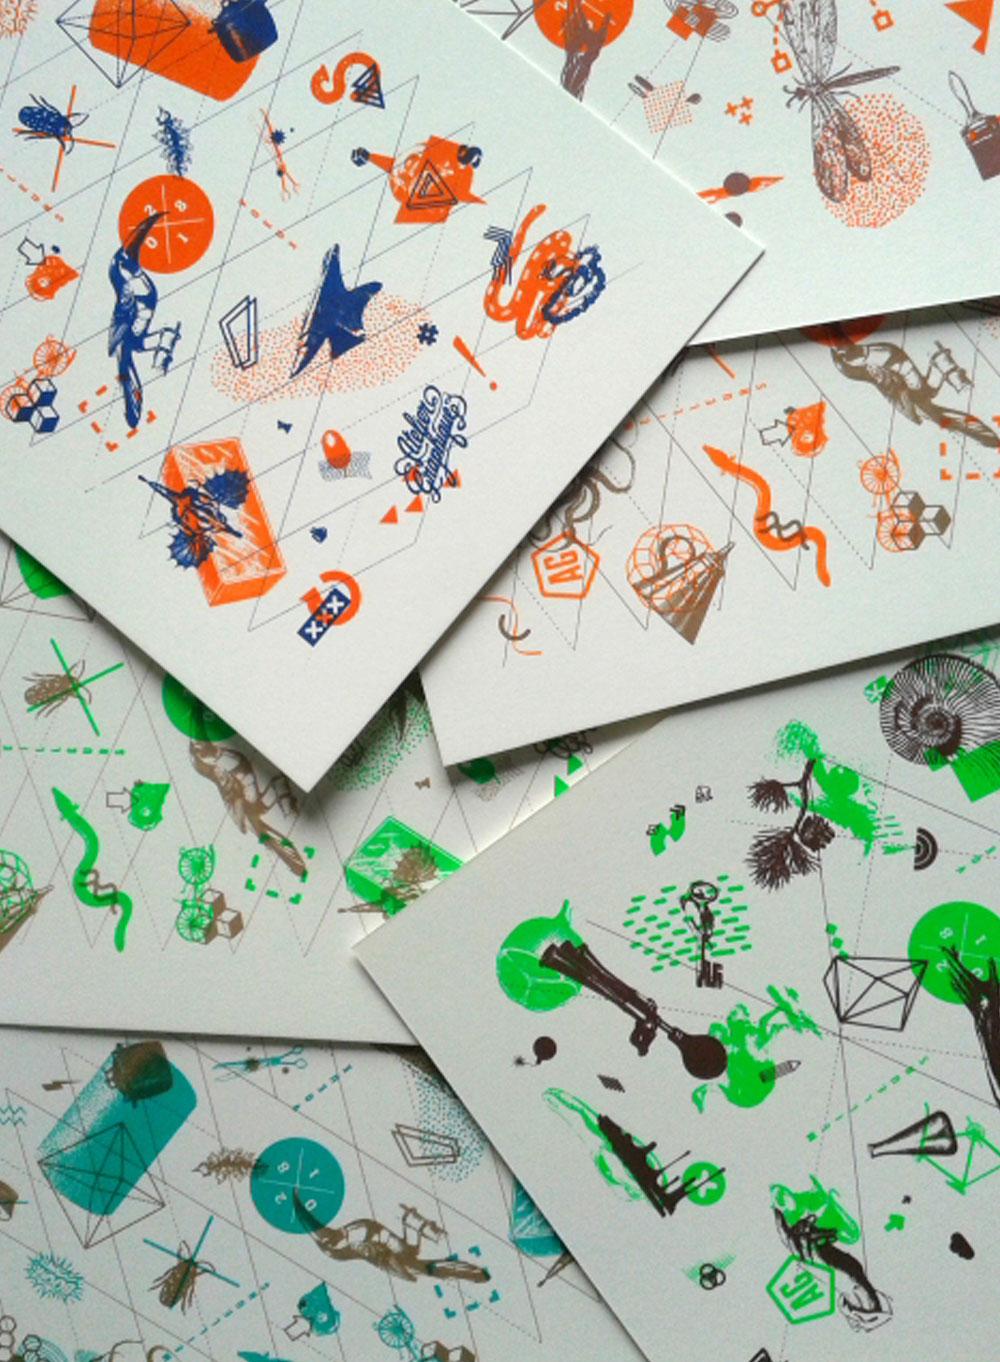 Atelier graphique, Genève, Graphisme, Communication visuelle, Graphiste, identité visuelle, Création graphique, Création de logo, mise en page, édition, Graphisme éditorial, mise en page de magazine, illustration, sérigraphie